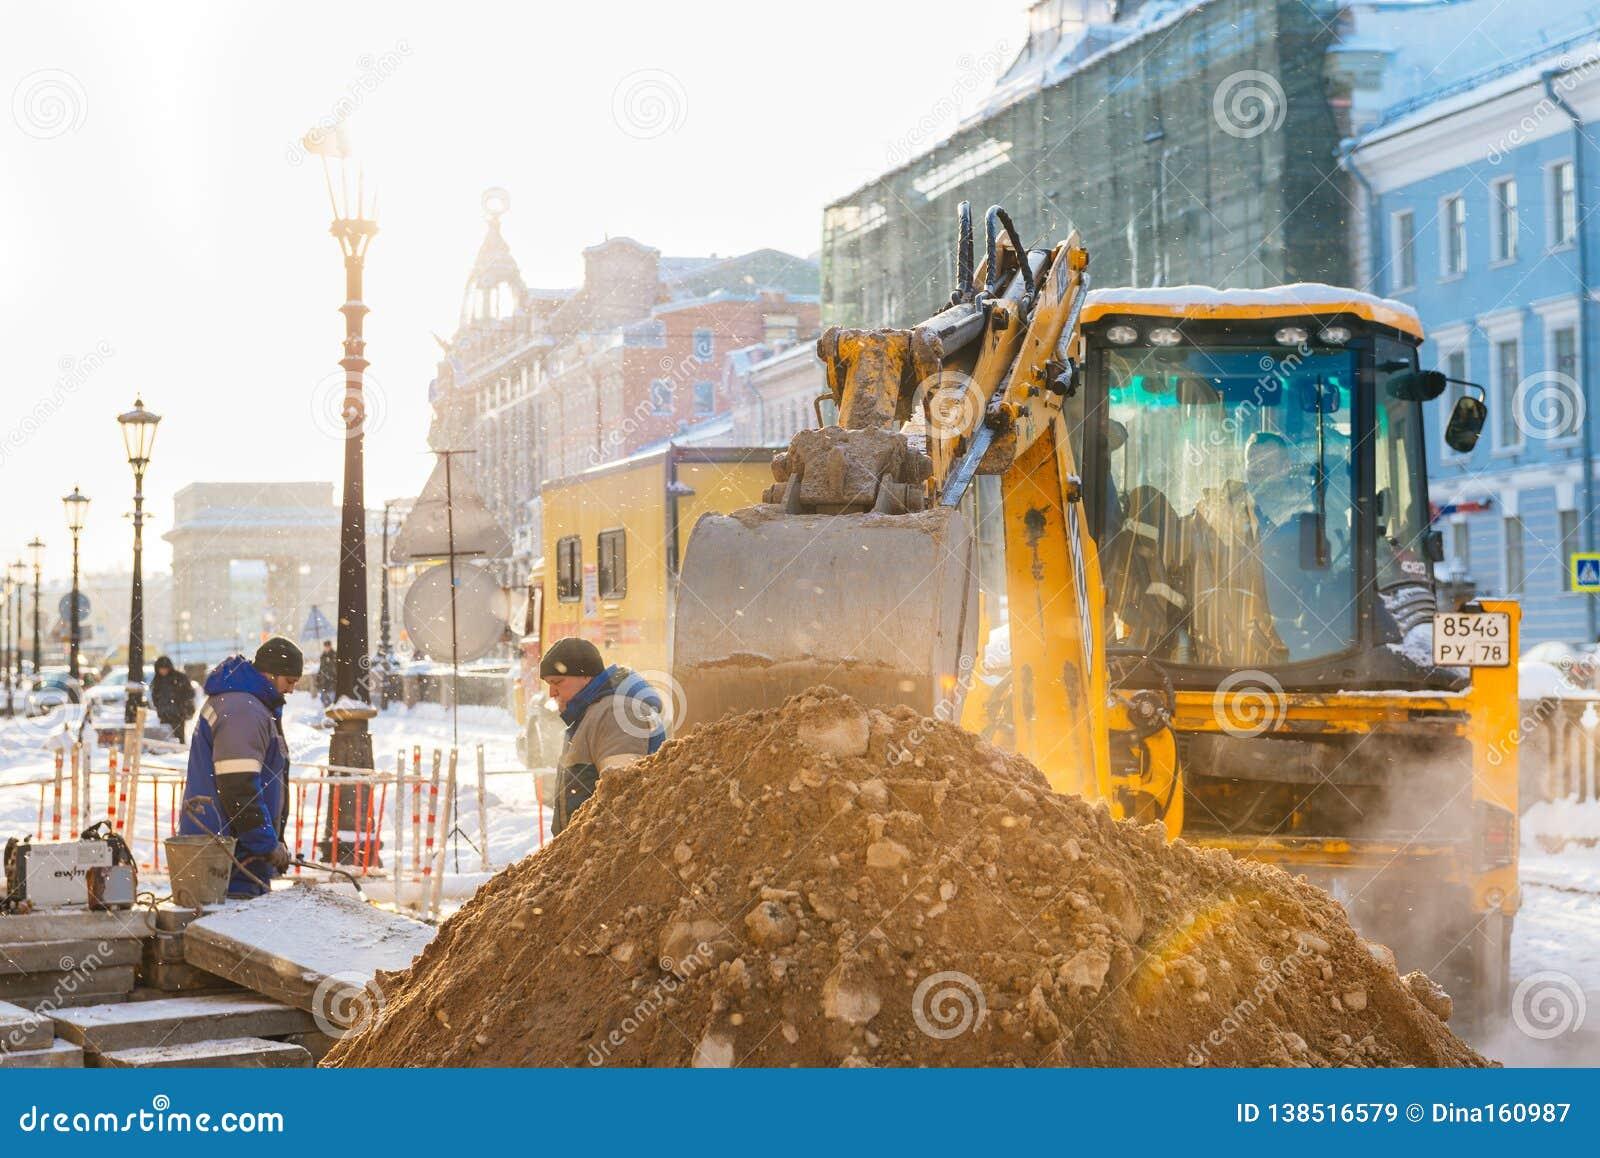 Αγία Πετρούπολη, Ρωσία - 28 Ιανουαρίου 2019: Ατύχημα στη γραμμή θέρμανσης κάτω από το έδαφος - παχύς ατμός από κάτω από τον υπόνο